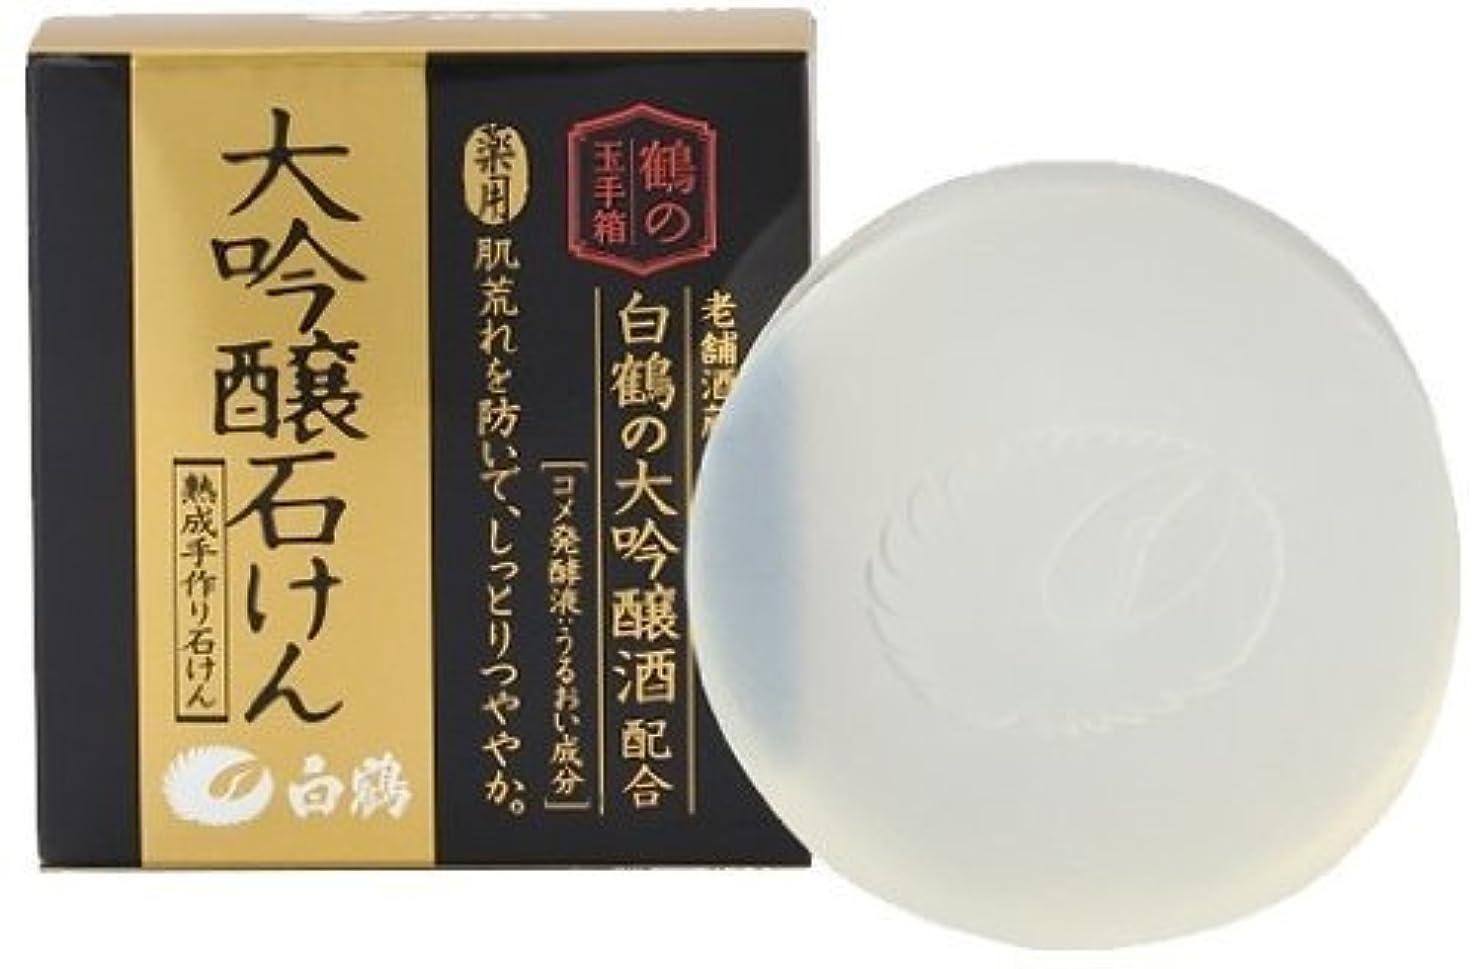 流暢どこにでも受動的白鶴 鶴の玉手箱 大吟醸石けん 100g × 5個 (薬用)(医薬部外品)